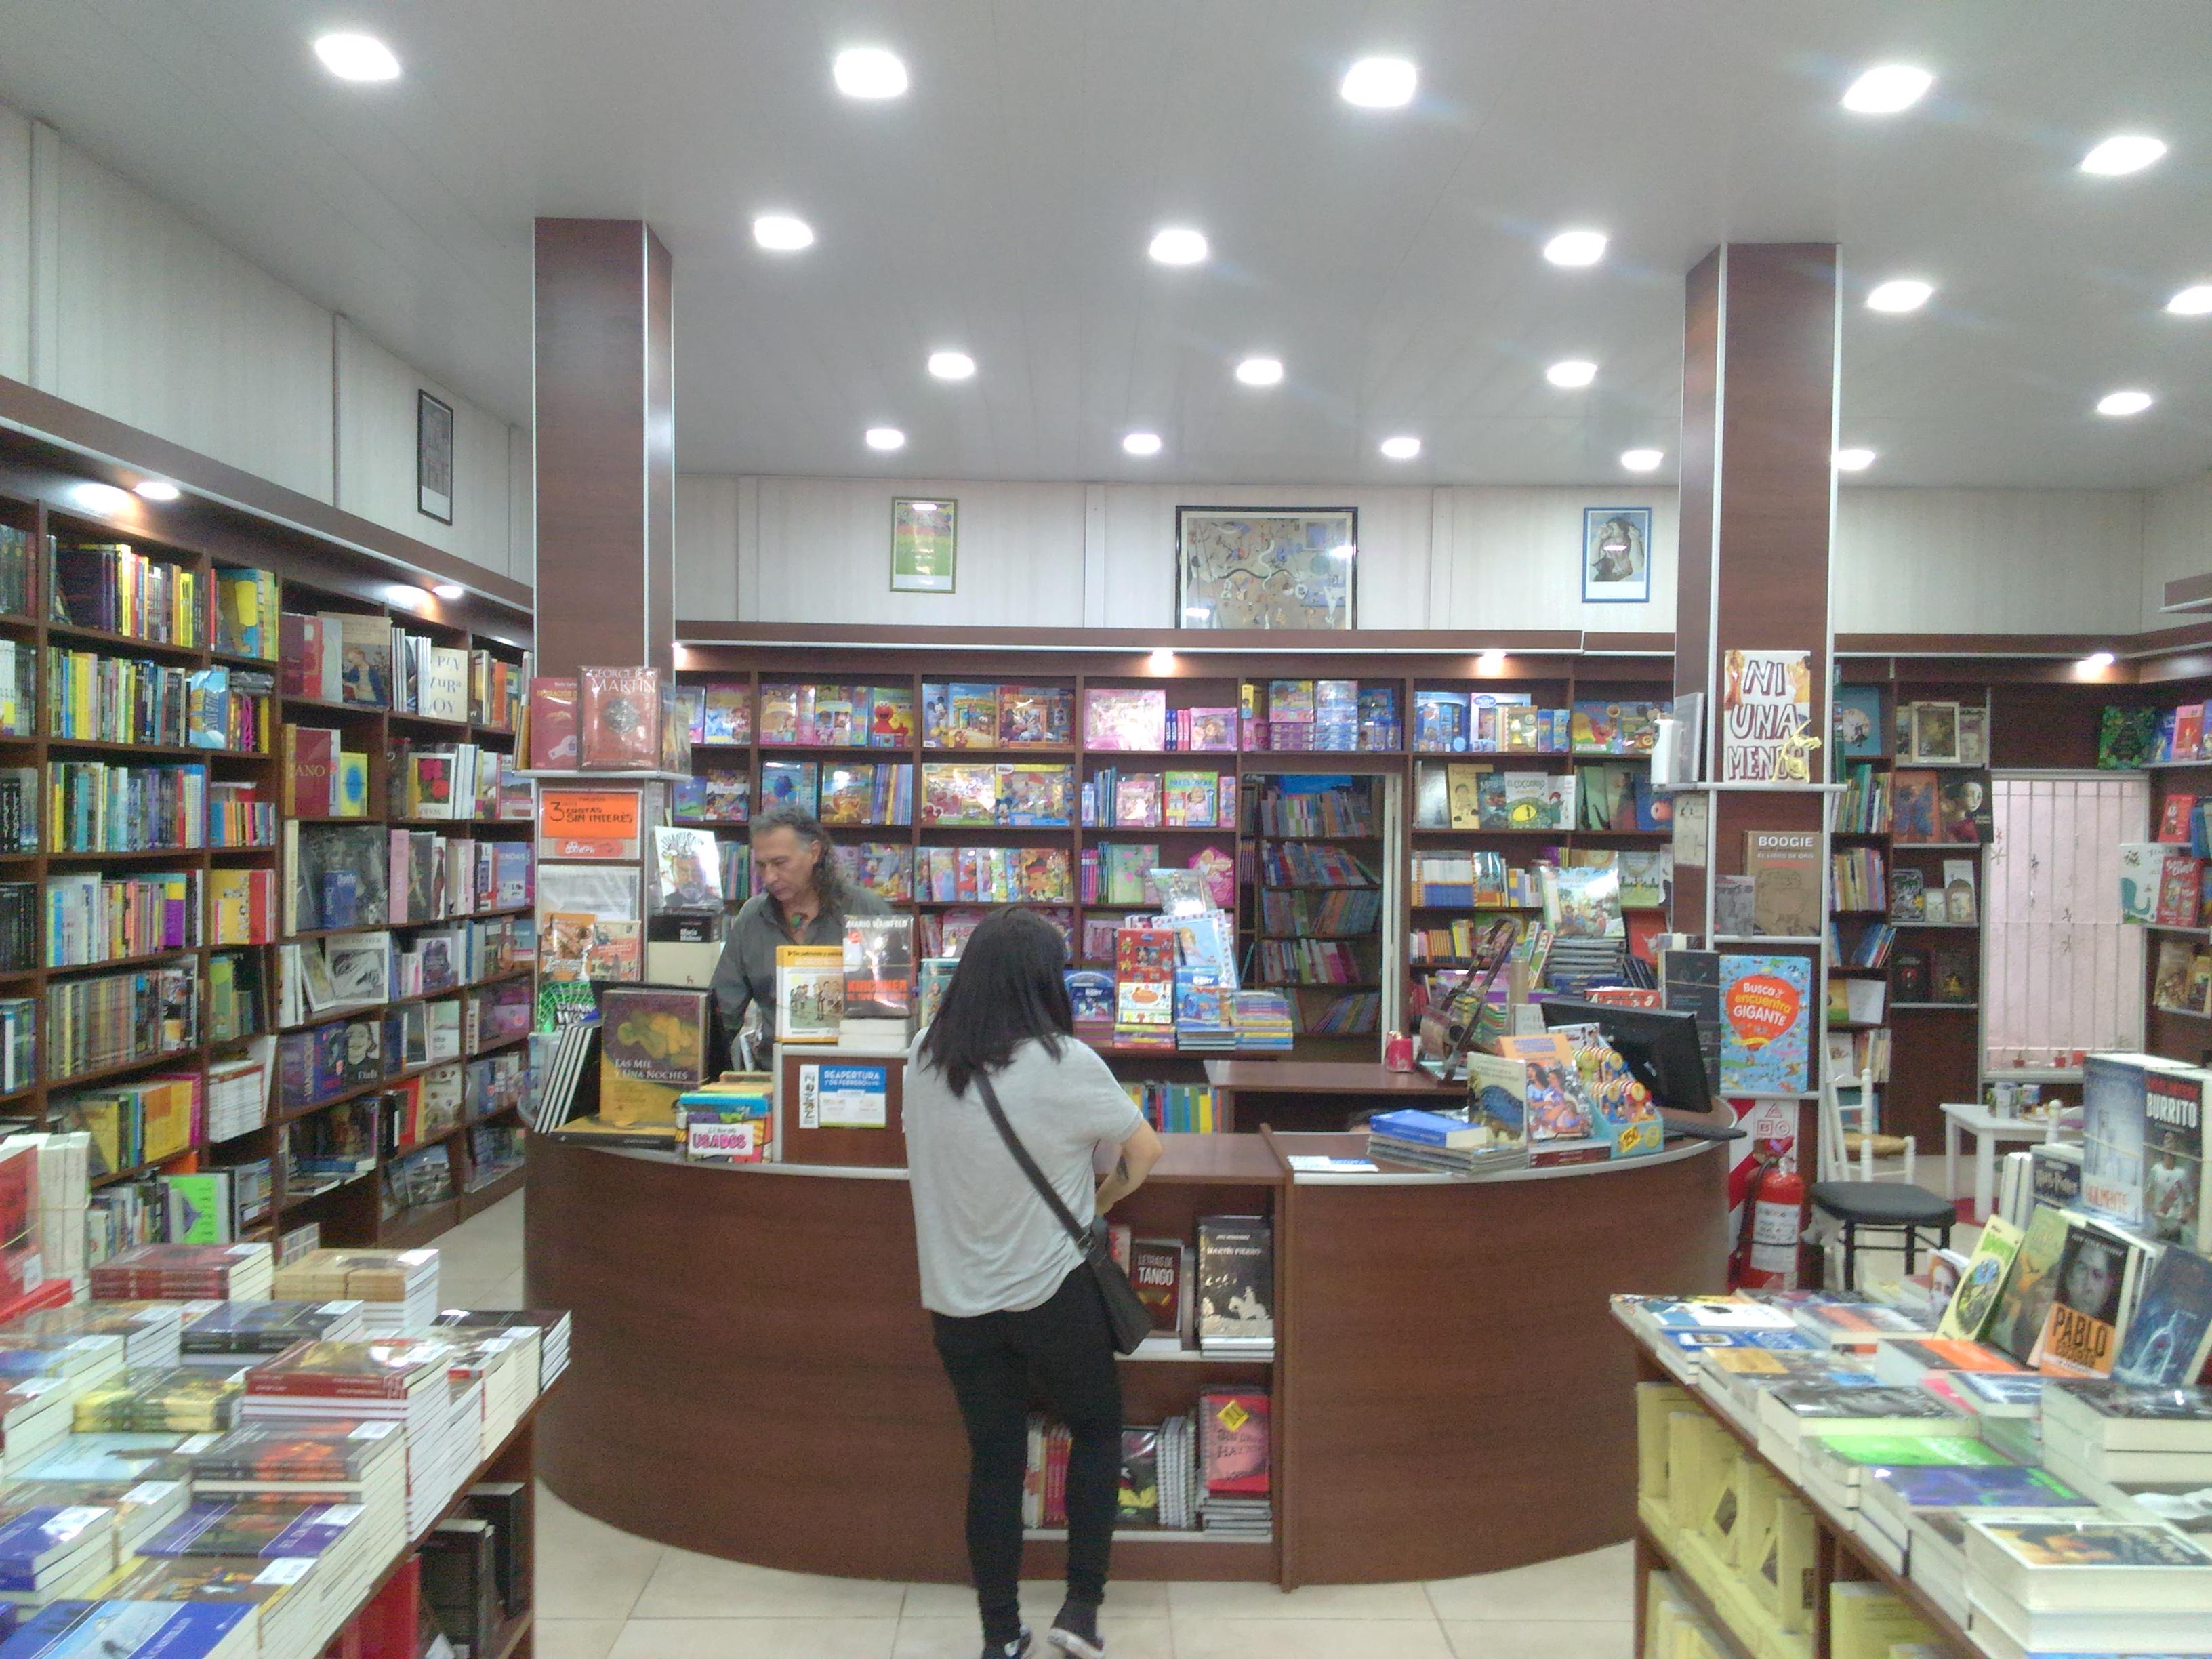 El Aleph 7 - Feria del Libro de El Aleph Sucursal Avellaneda